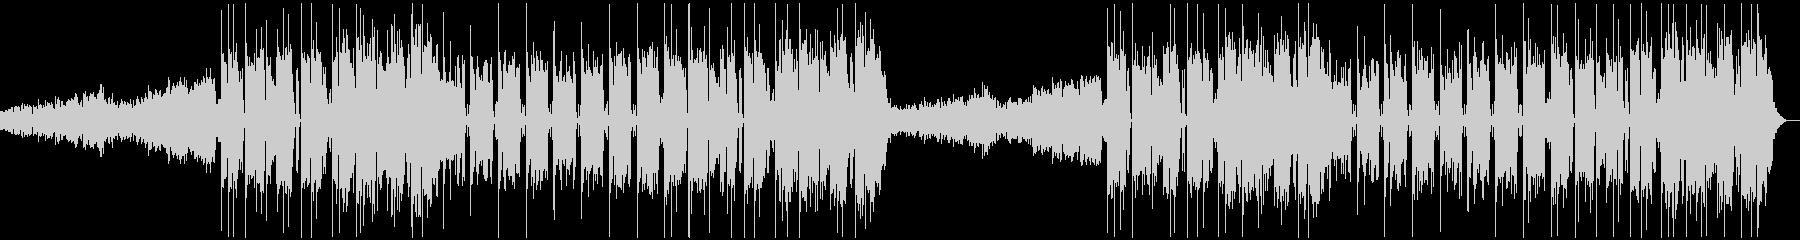 力強いサウンドのフューチャーベースの未再生の波形